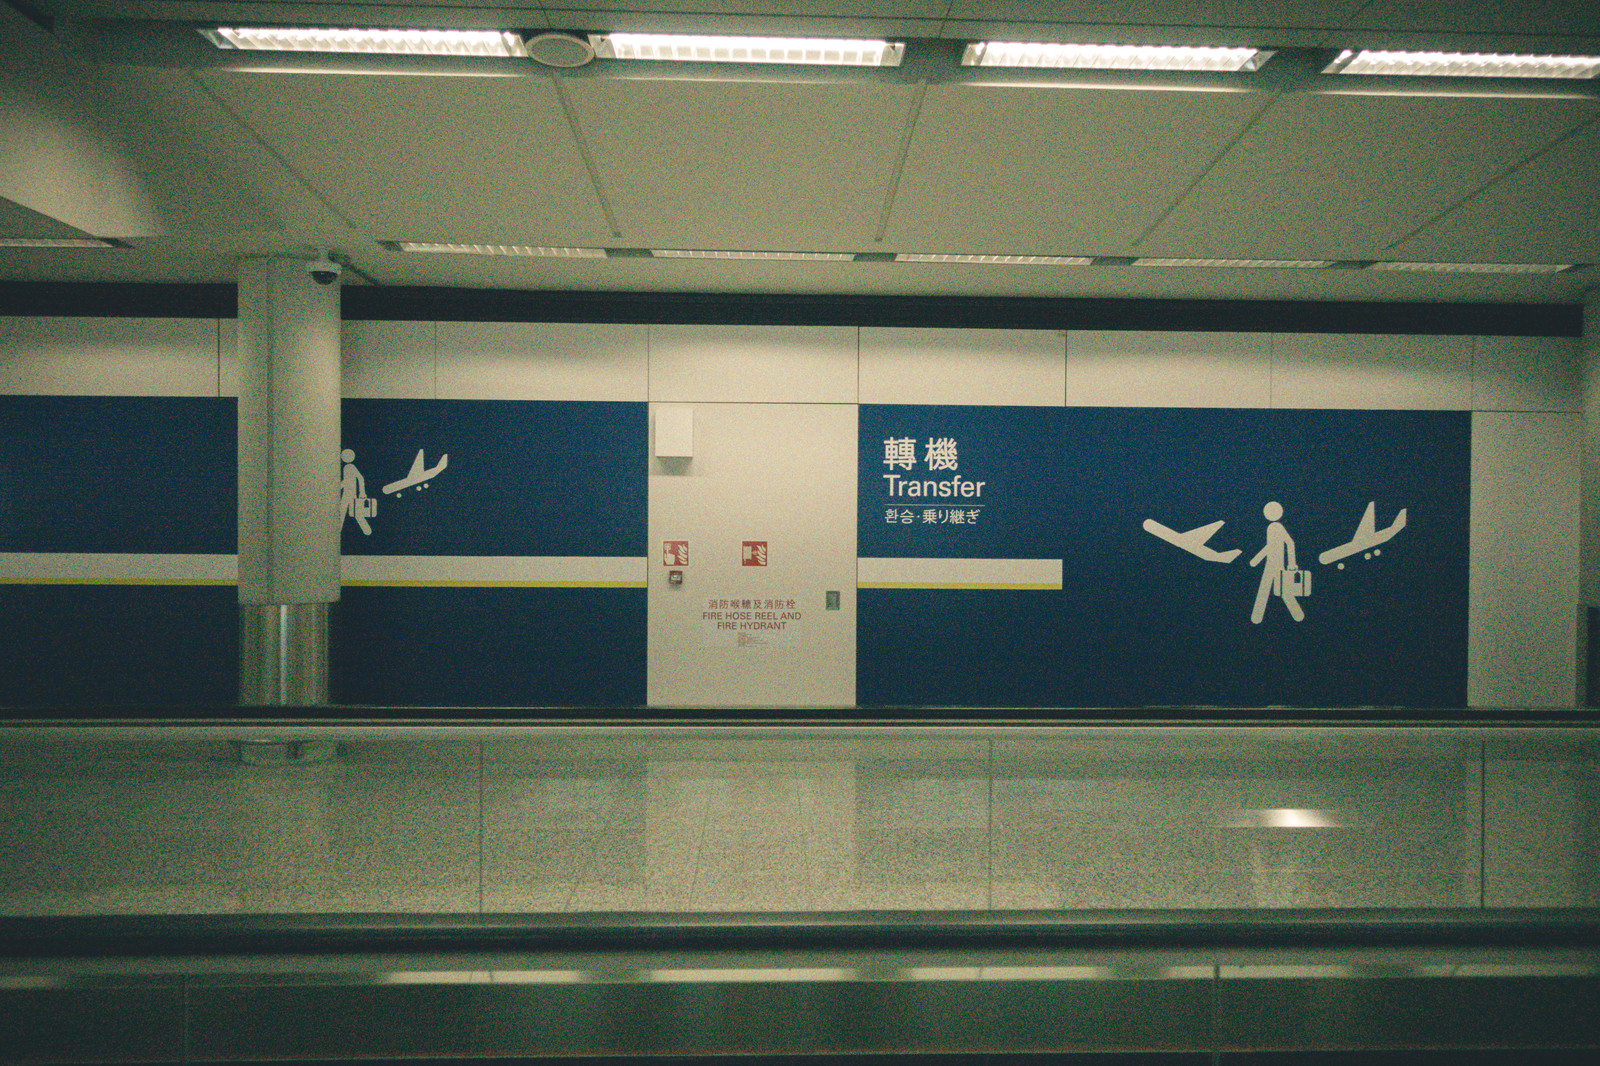 「空港内の乗り継ぎ廊下」の写真